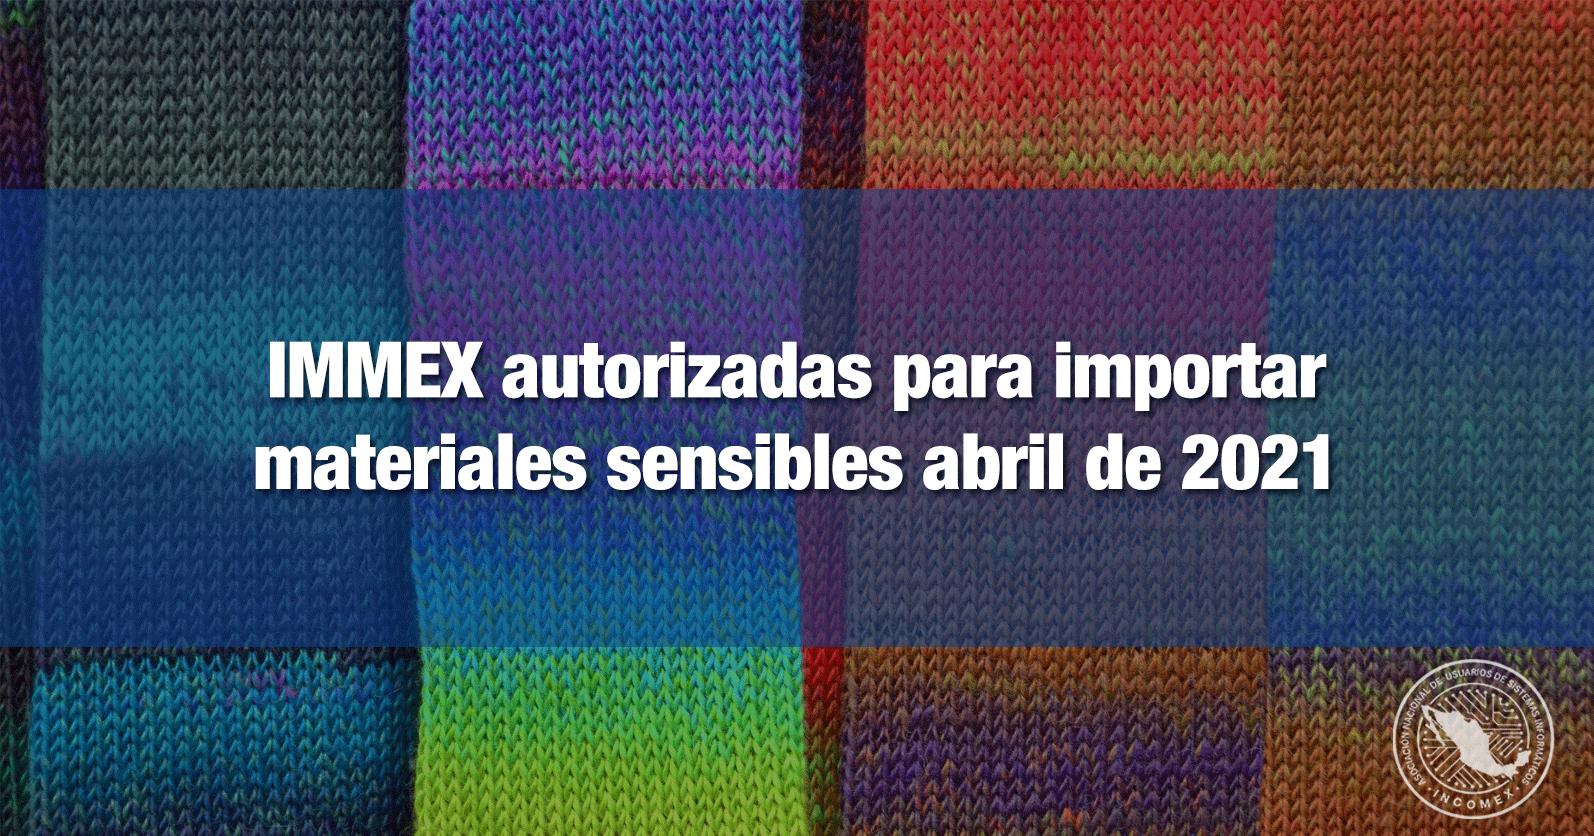 IMMEX autorizadas para importar materiales sensibles abril de 2021